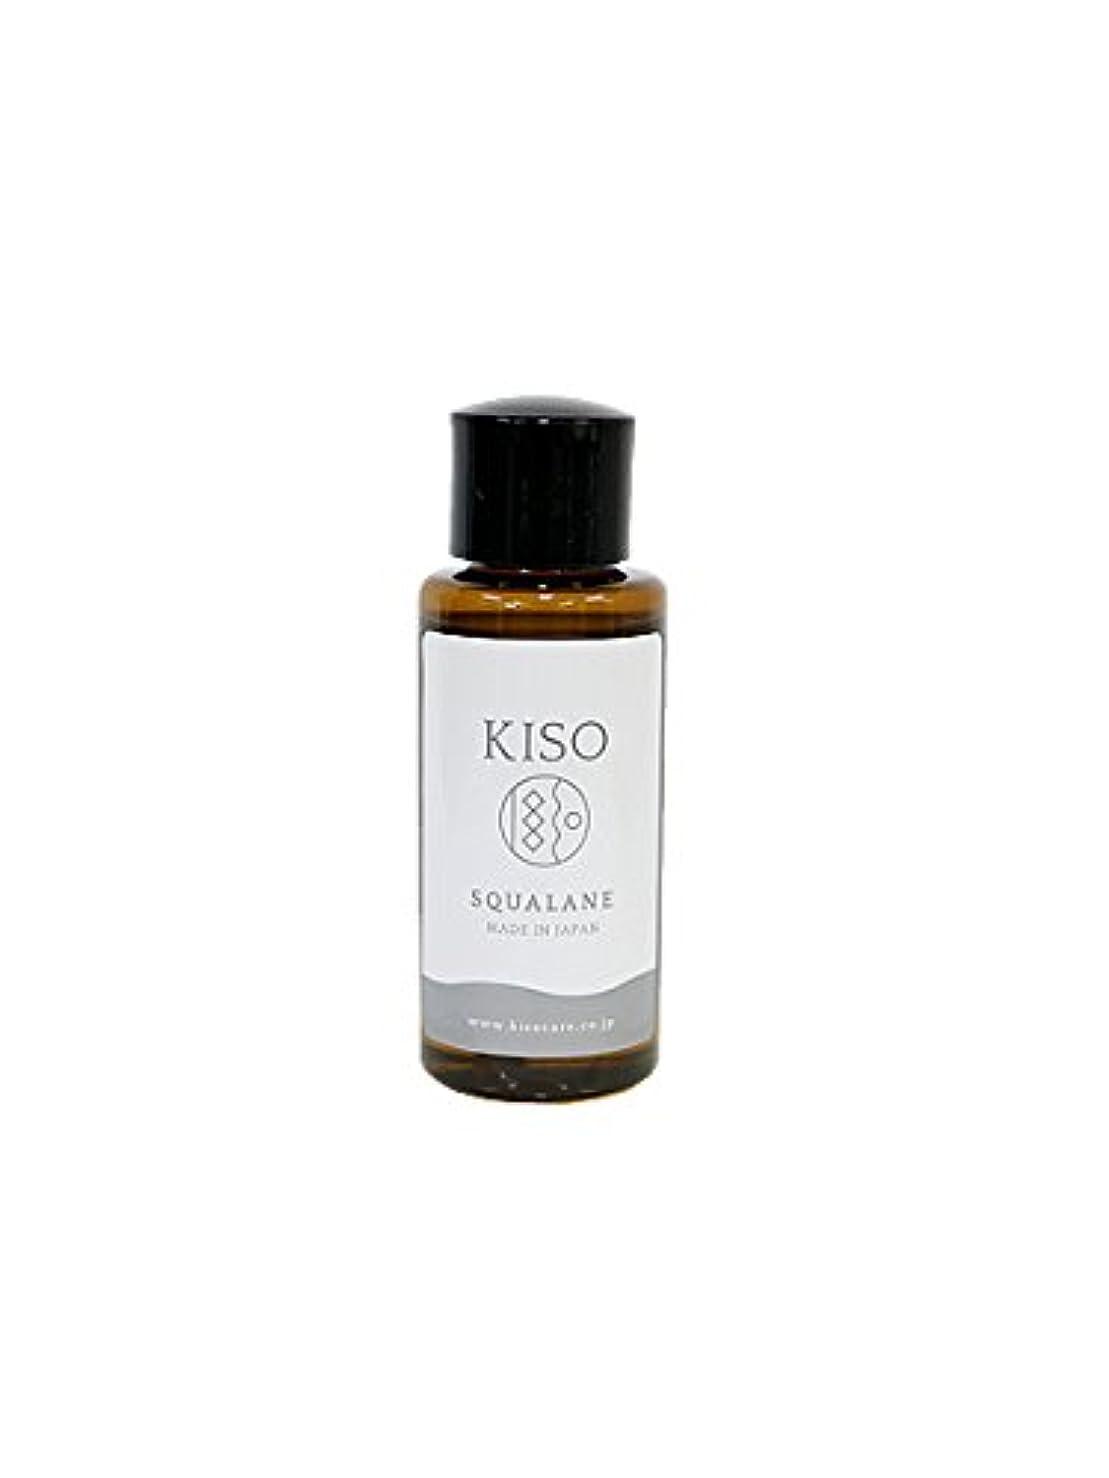 応用世界の窓スピーカーKISO 高純度 【スクワラン50mL】 100% 深海ザメ肝油/原液/オイル/保湿/低刺激/敏感肌/普通肌/ベビーオイル